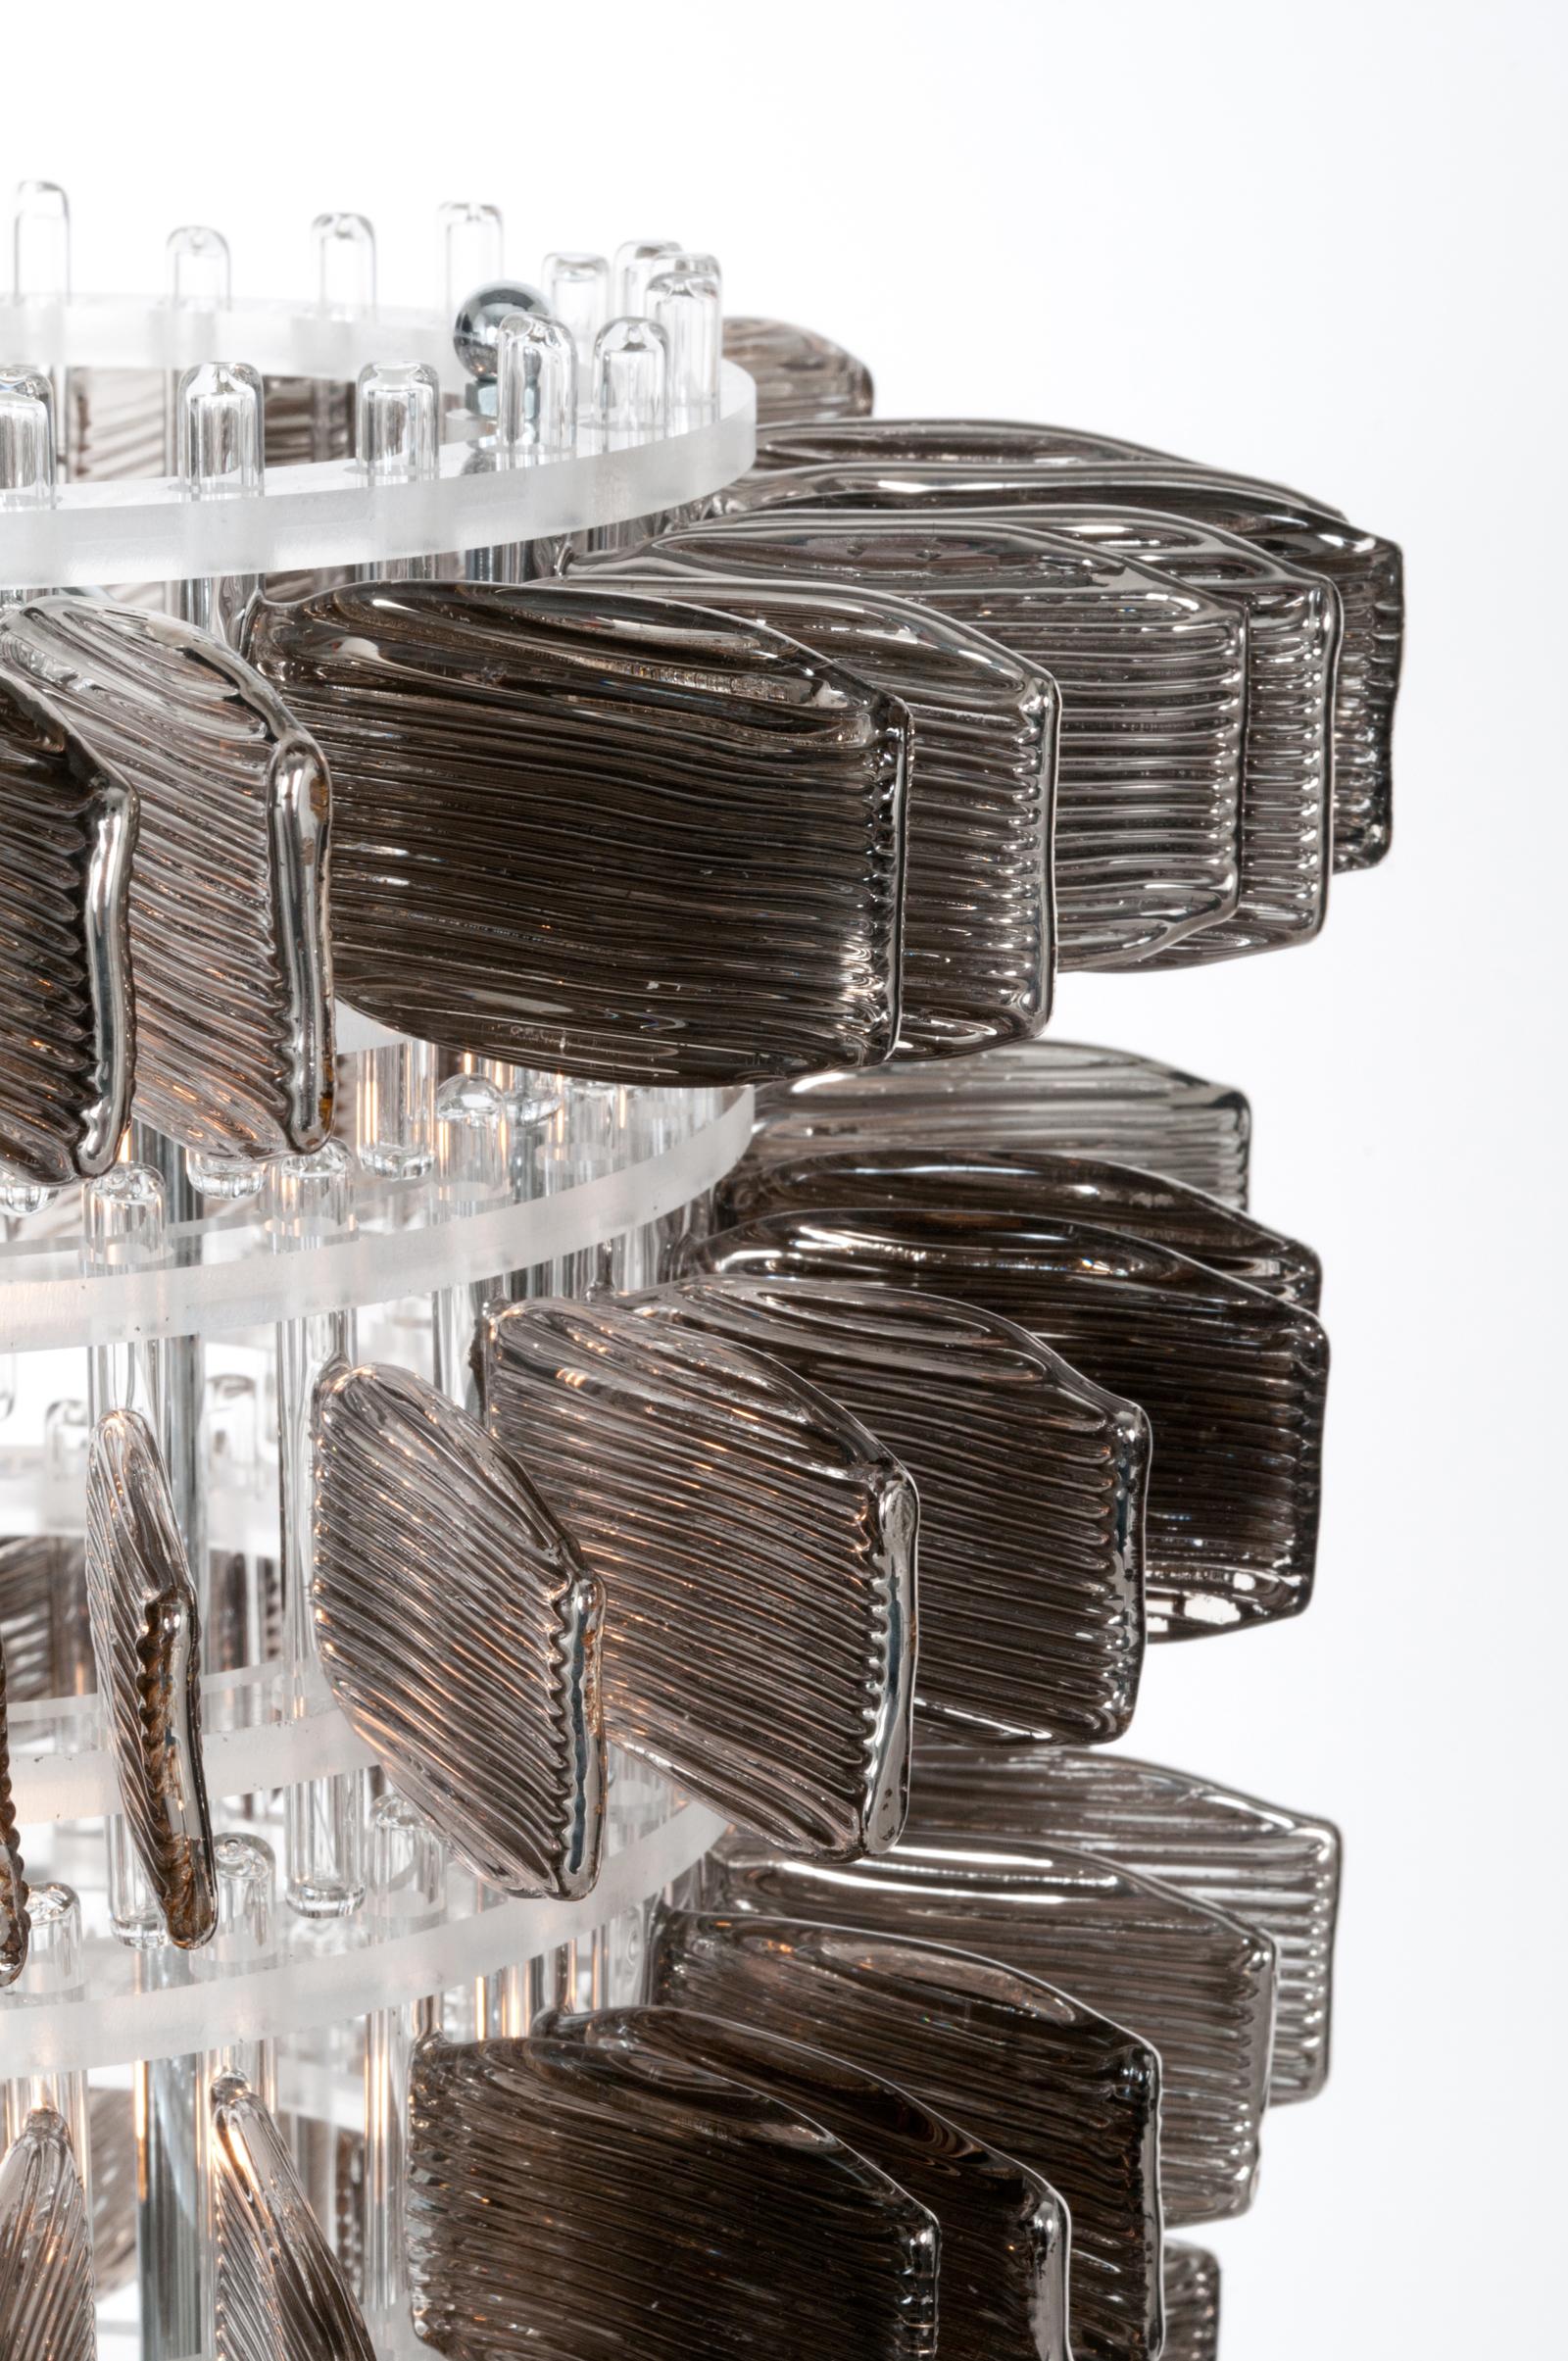 anemone-56-table-chrome-platine-platinium-veronese-maurizio-galante-tal-lancman-31.jpg